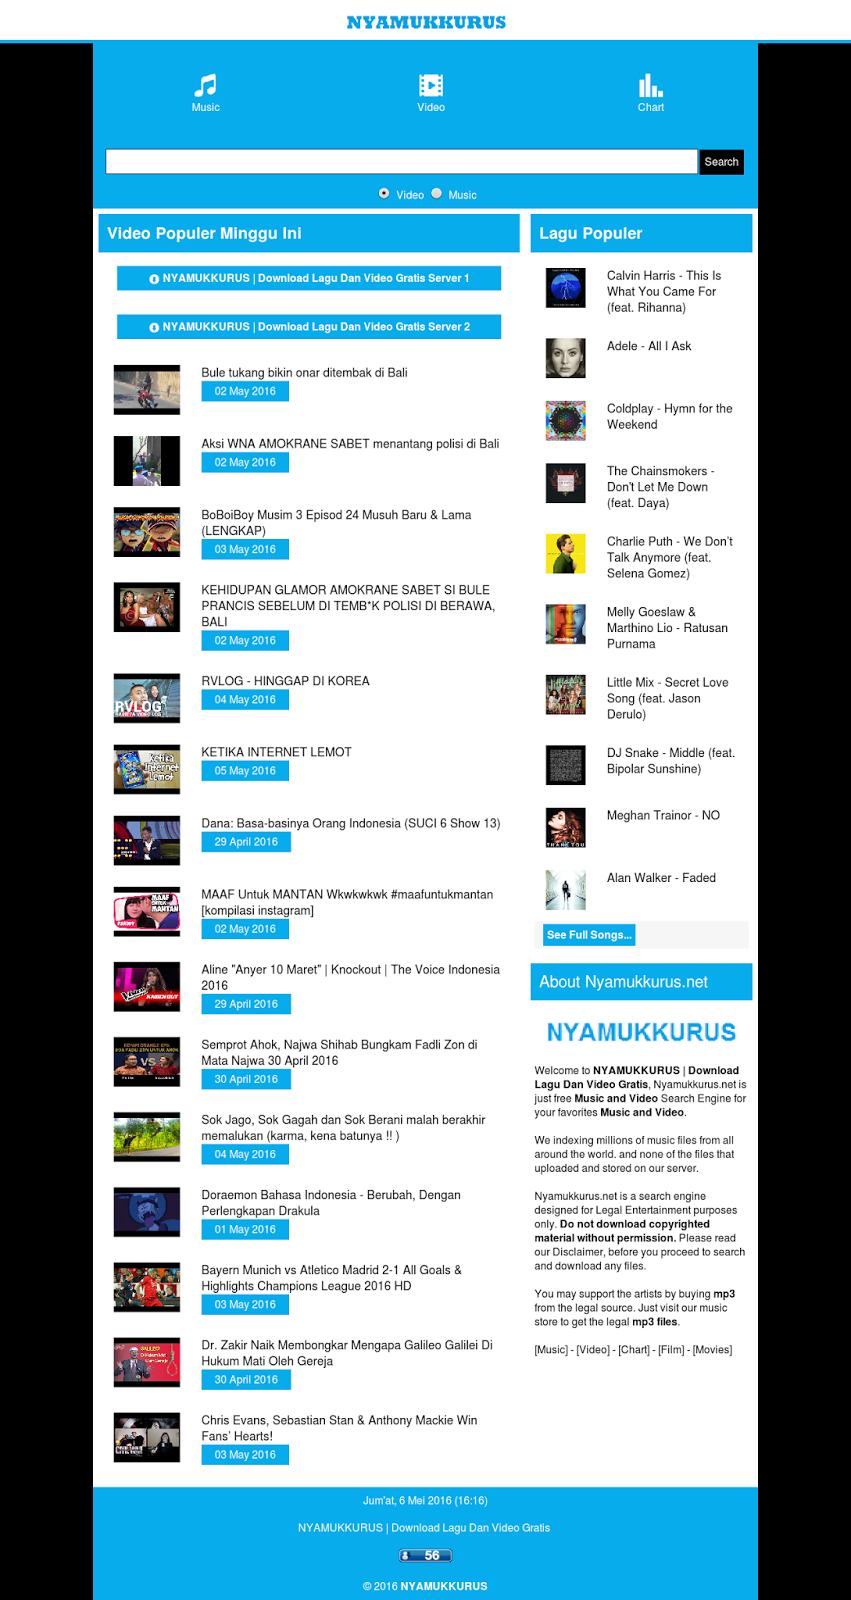 NYAMUKKURUS | Download Lagu Dan Video Gratis